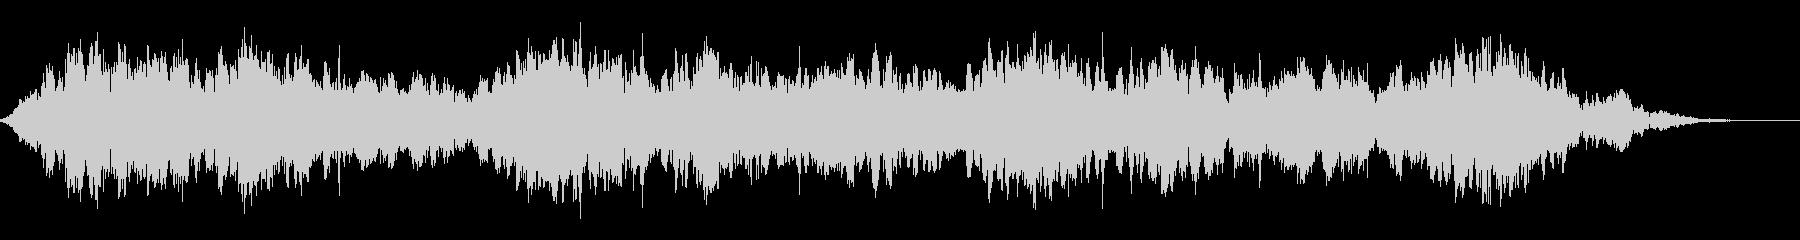 背景音 SFの未再生の波形